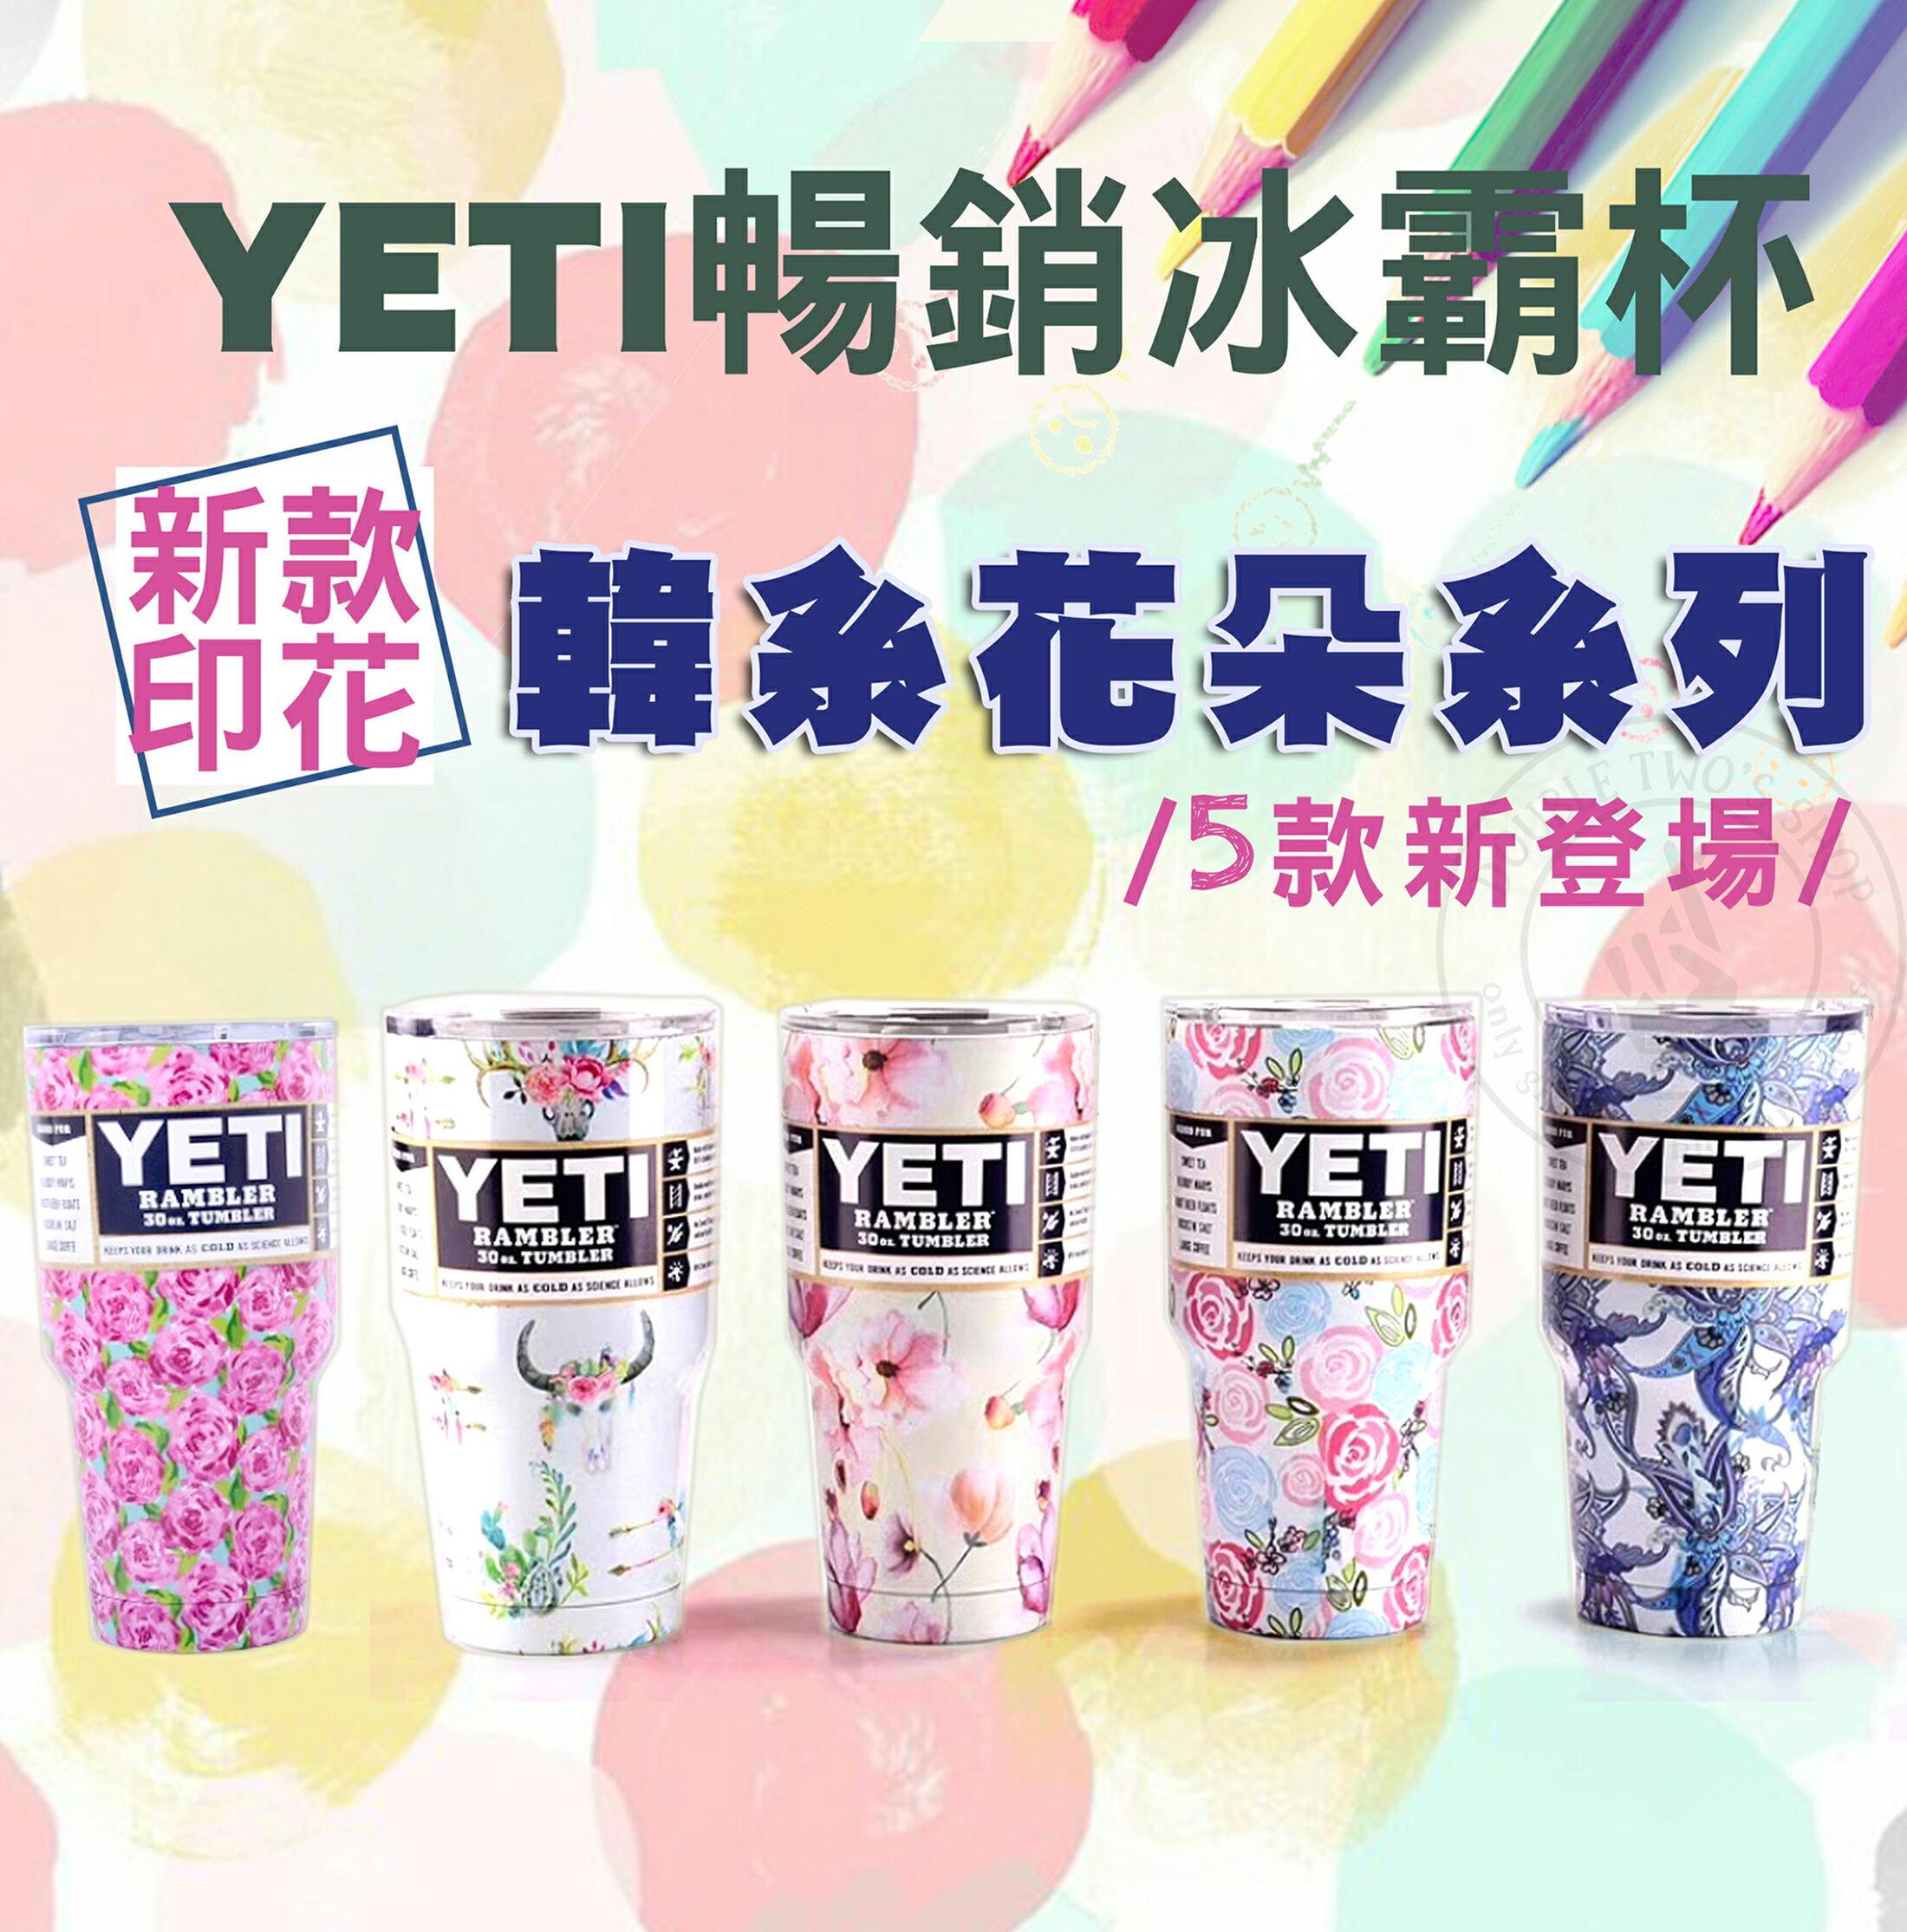 新版YETI冰霸杯??韓系花朵?30oz900ml304不銹鋼雙層真空長效保冷保溫啤酒杯酷冰杯 RTIC